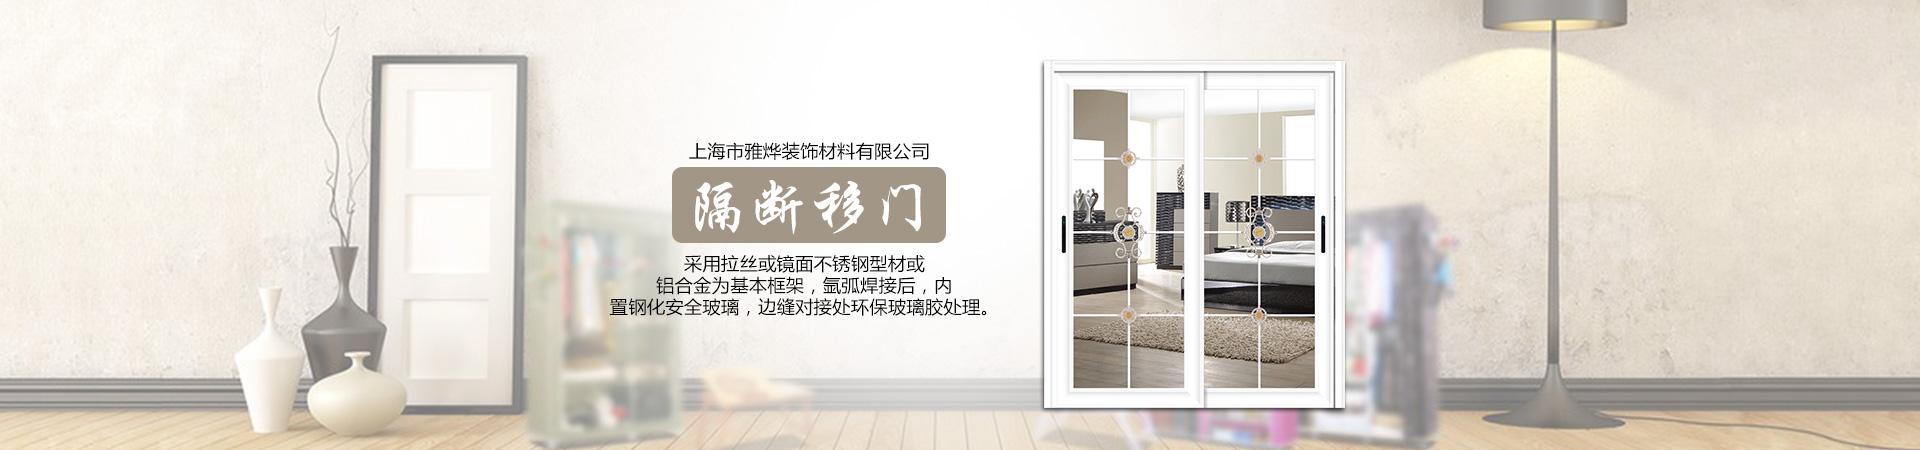 上海雅烨装饰材料有限公司_官方网站_一呼百应原材料